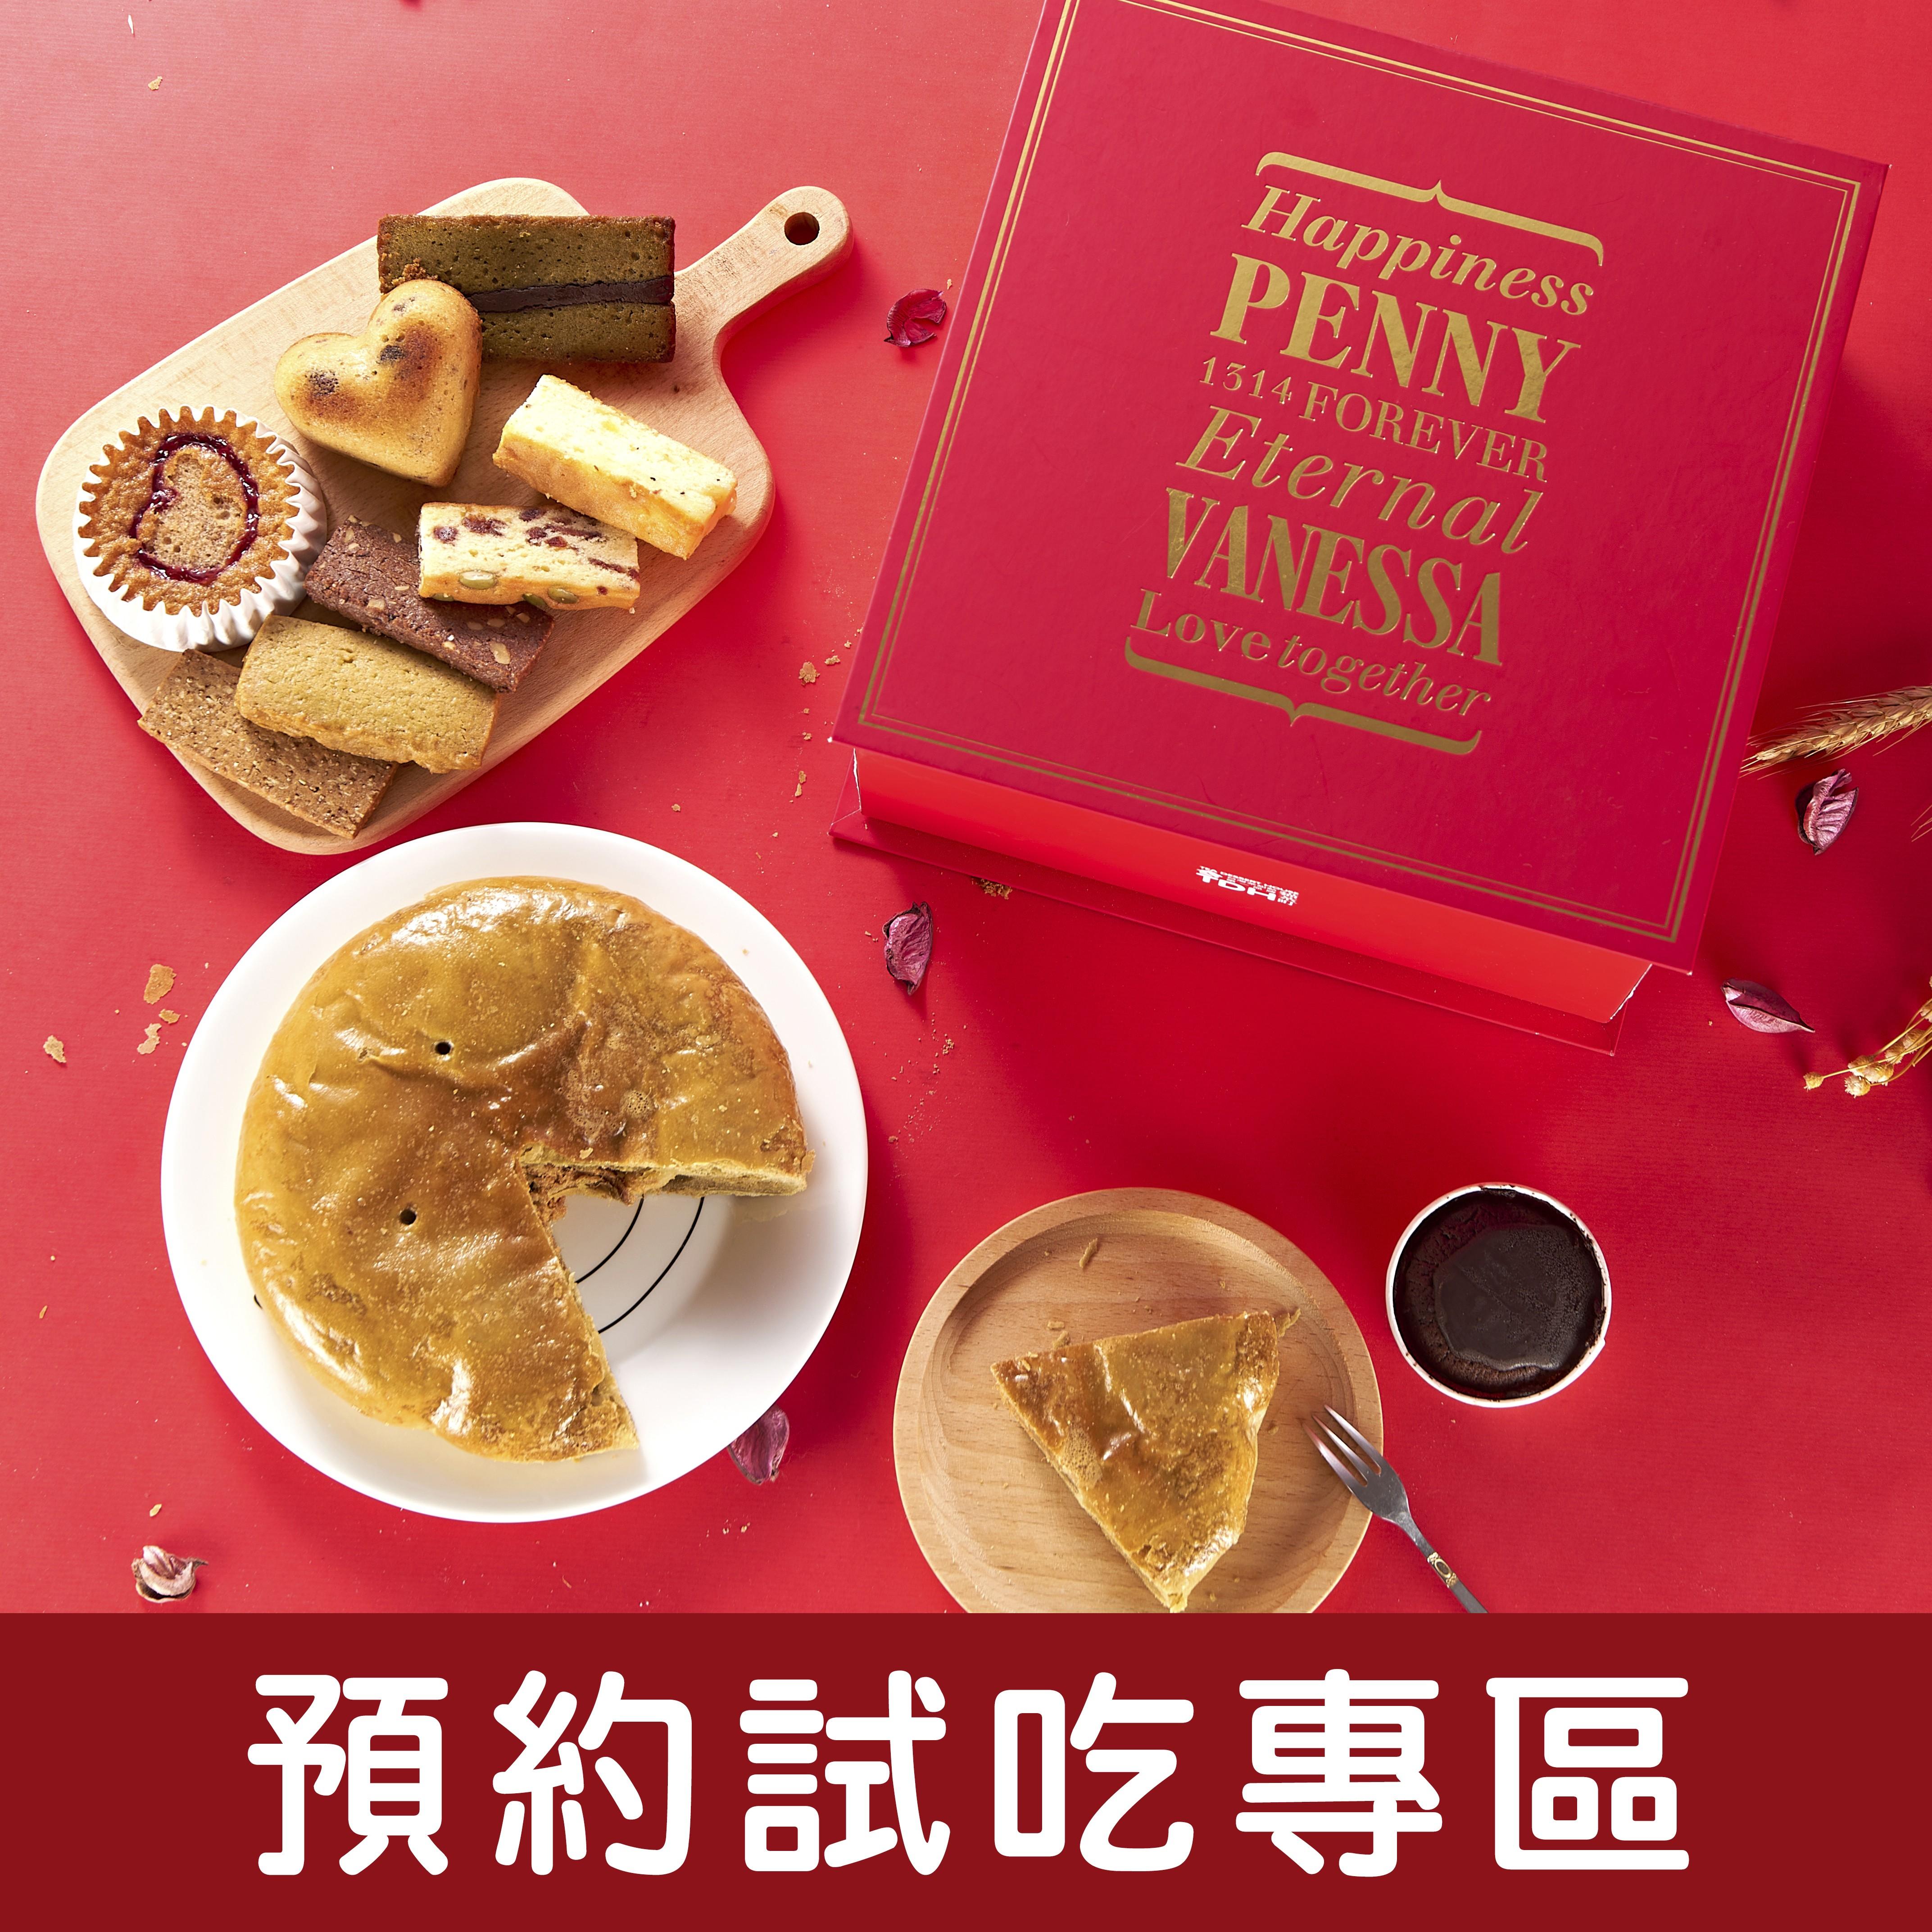 預約試吃-客製化手工喜餅禮盒(雙層)含中式大餅